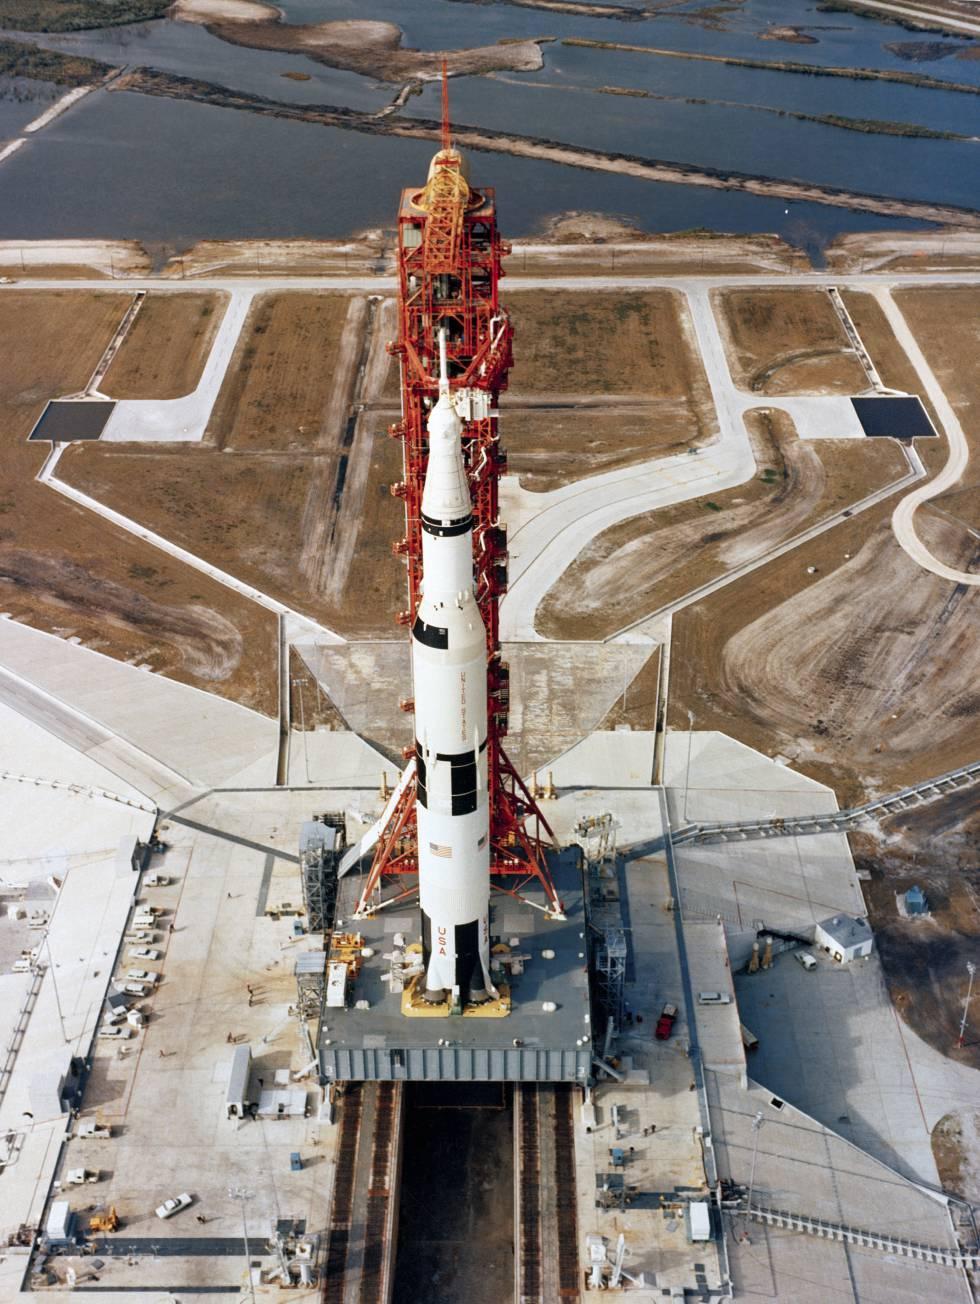 Vista aérea del Apolo 10 antes del lanzamiento.